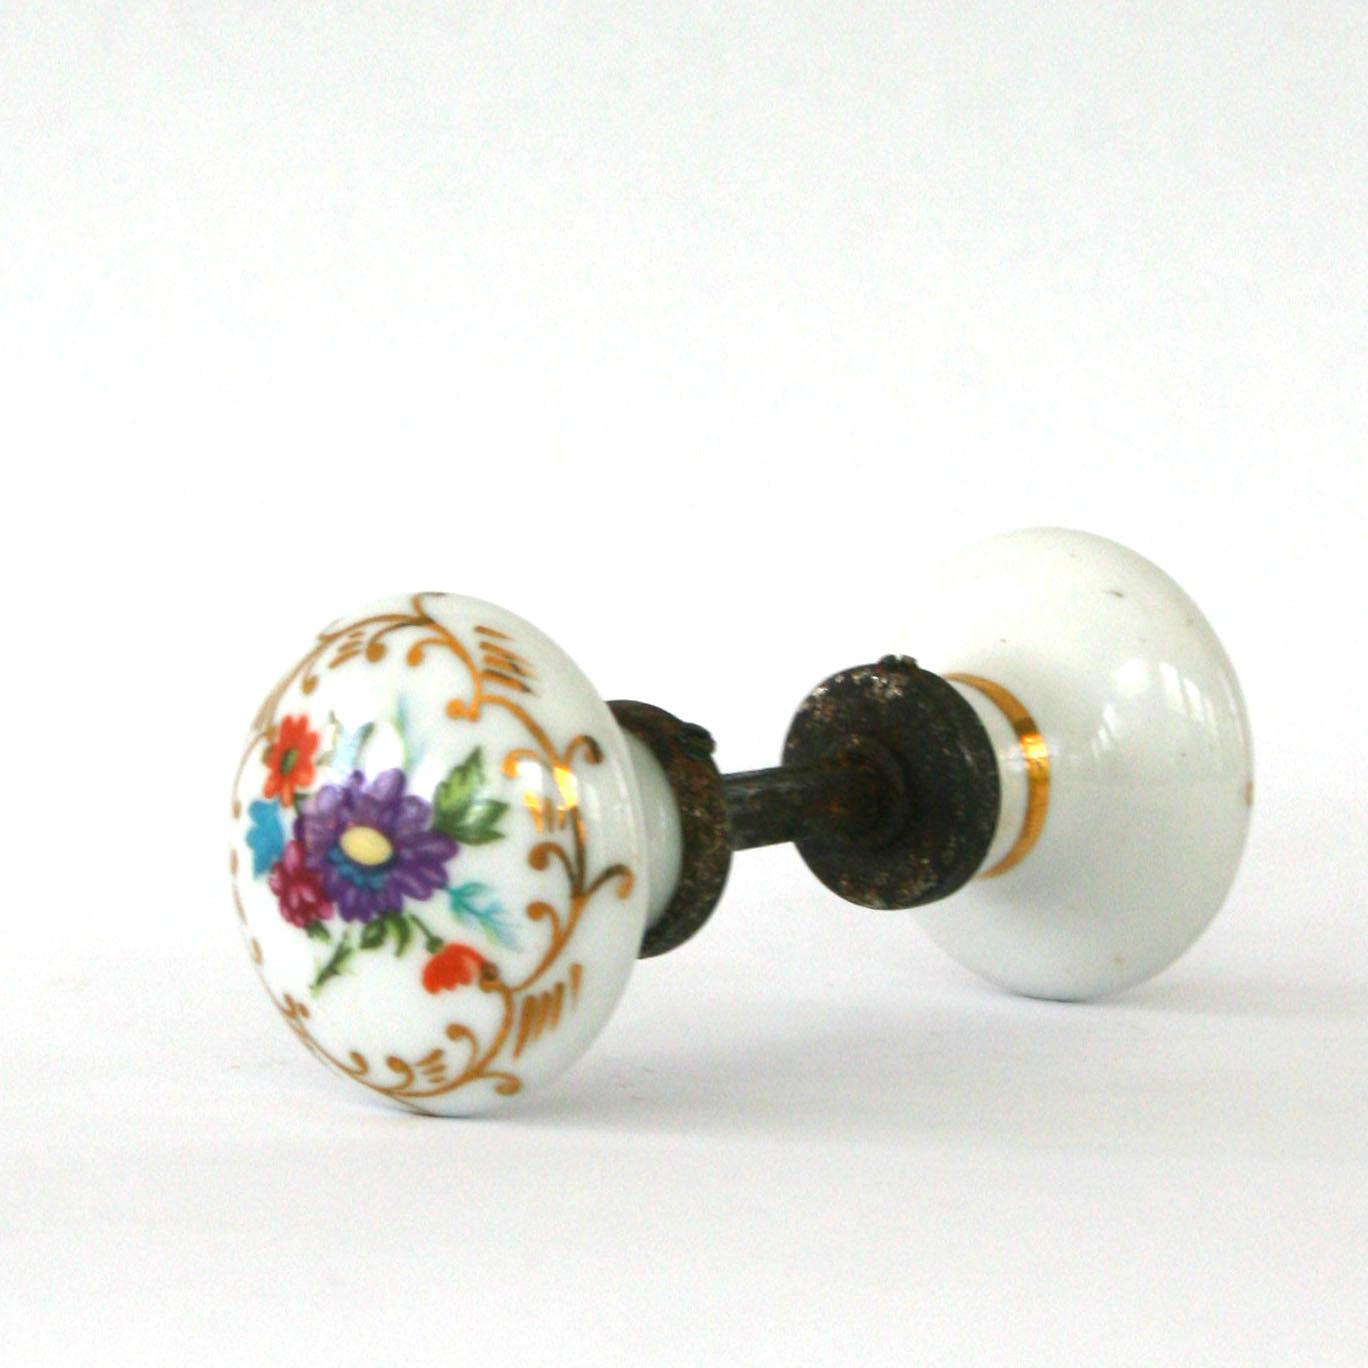 antique porcelain door knobs photo - 3